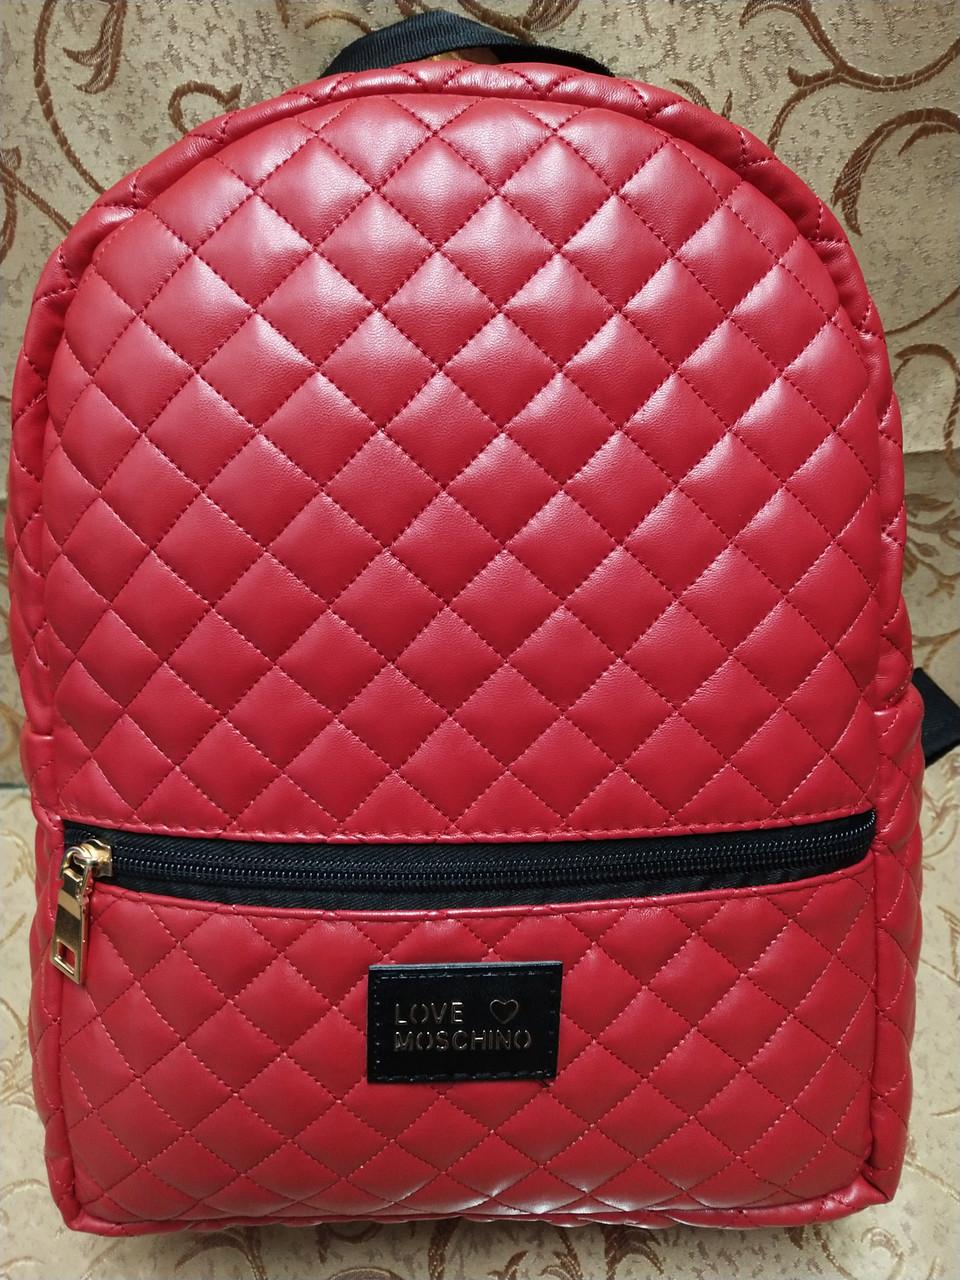 553338046495 Женский рюкзак love moschino 29.5*22*11.5 (красный): продажа, цена в ...